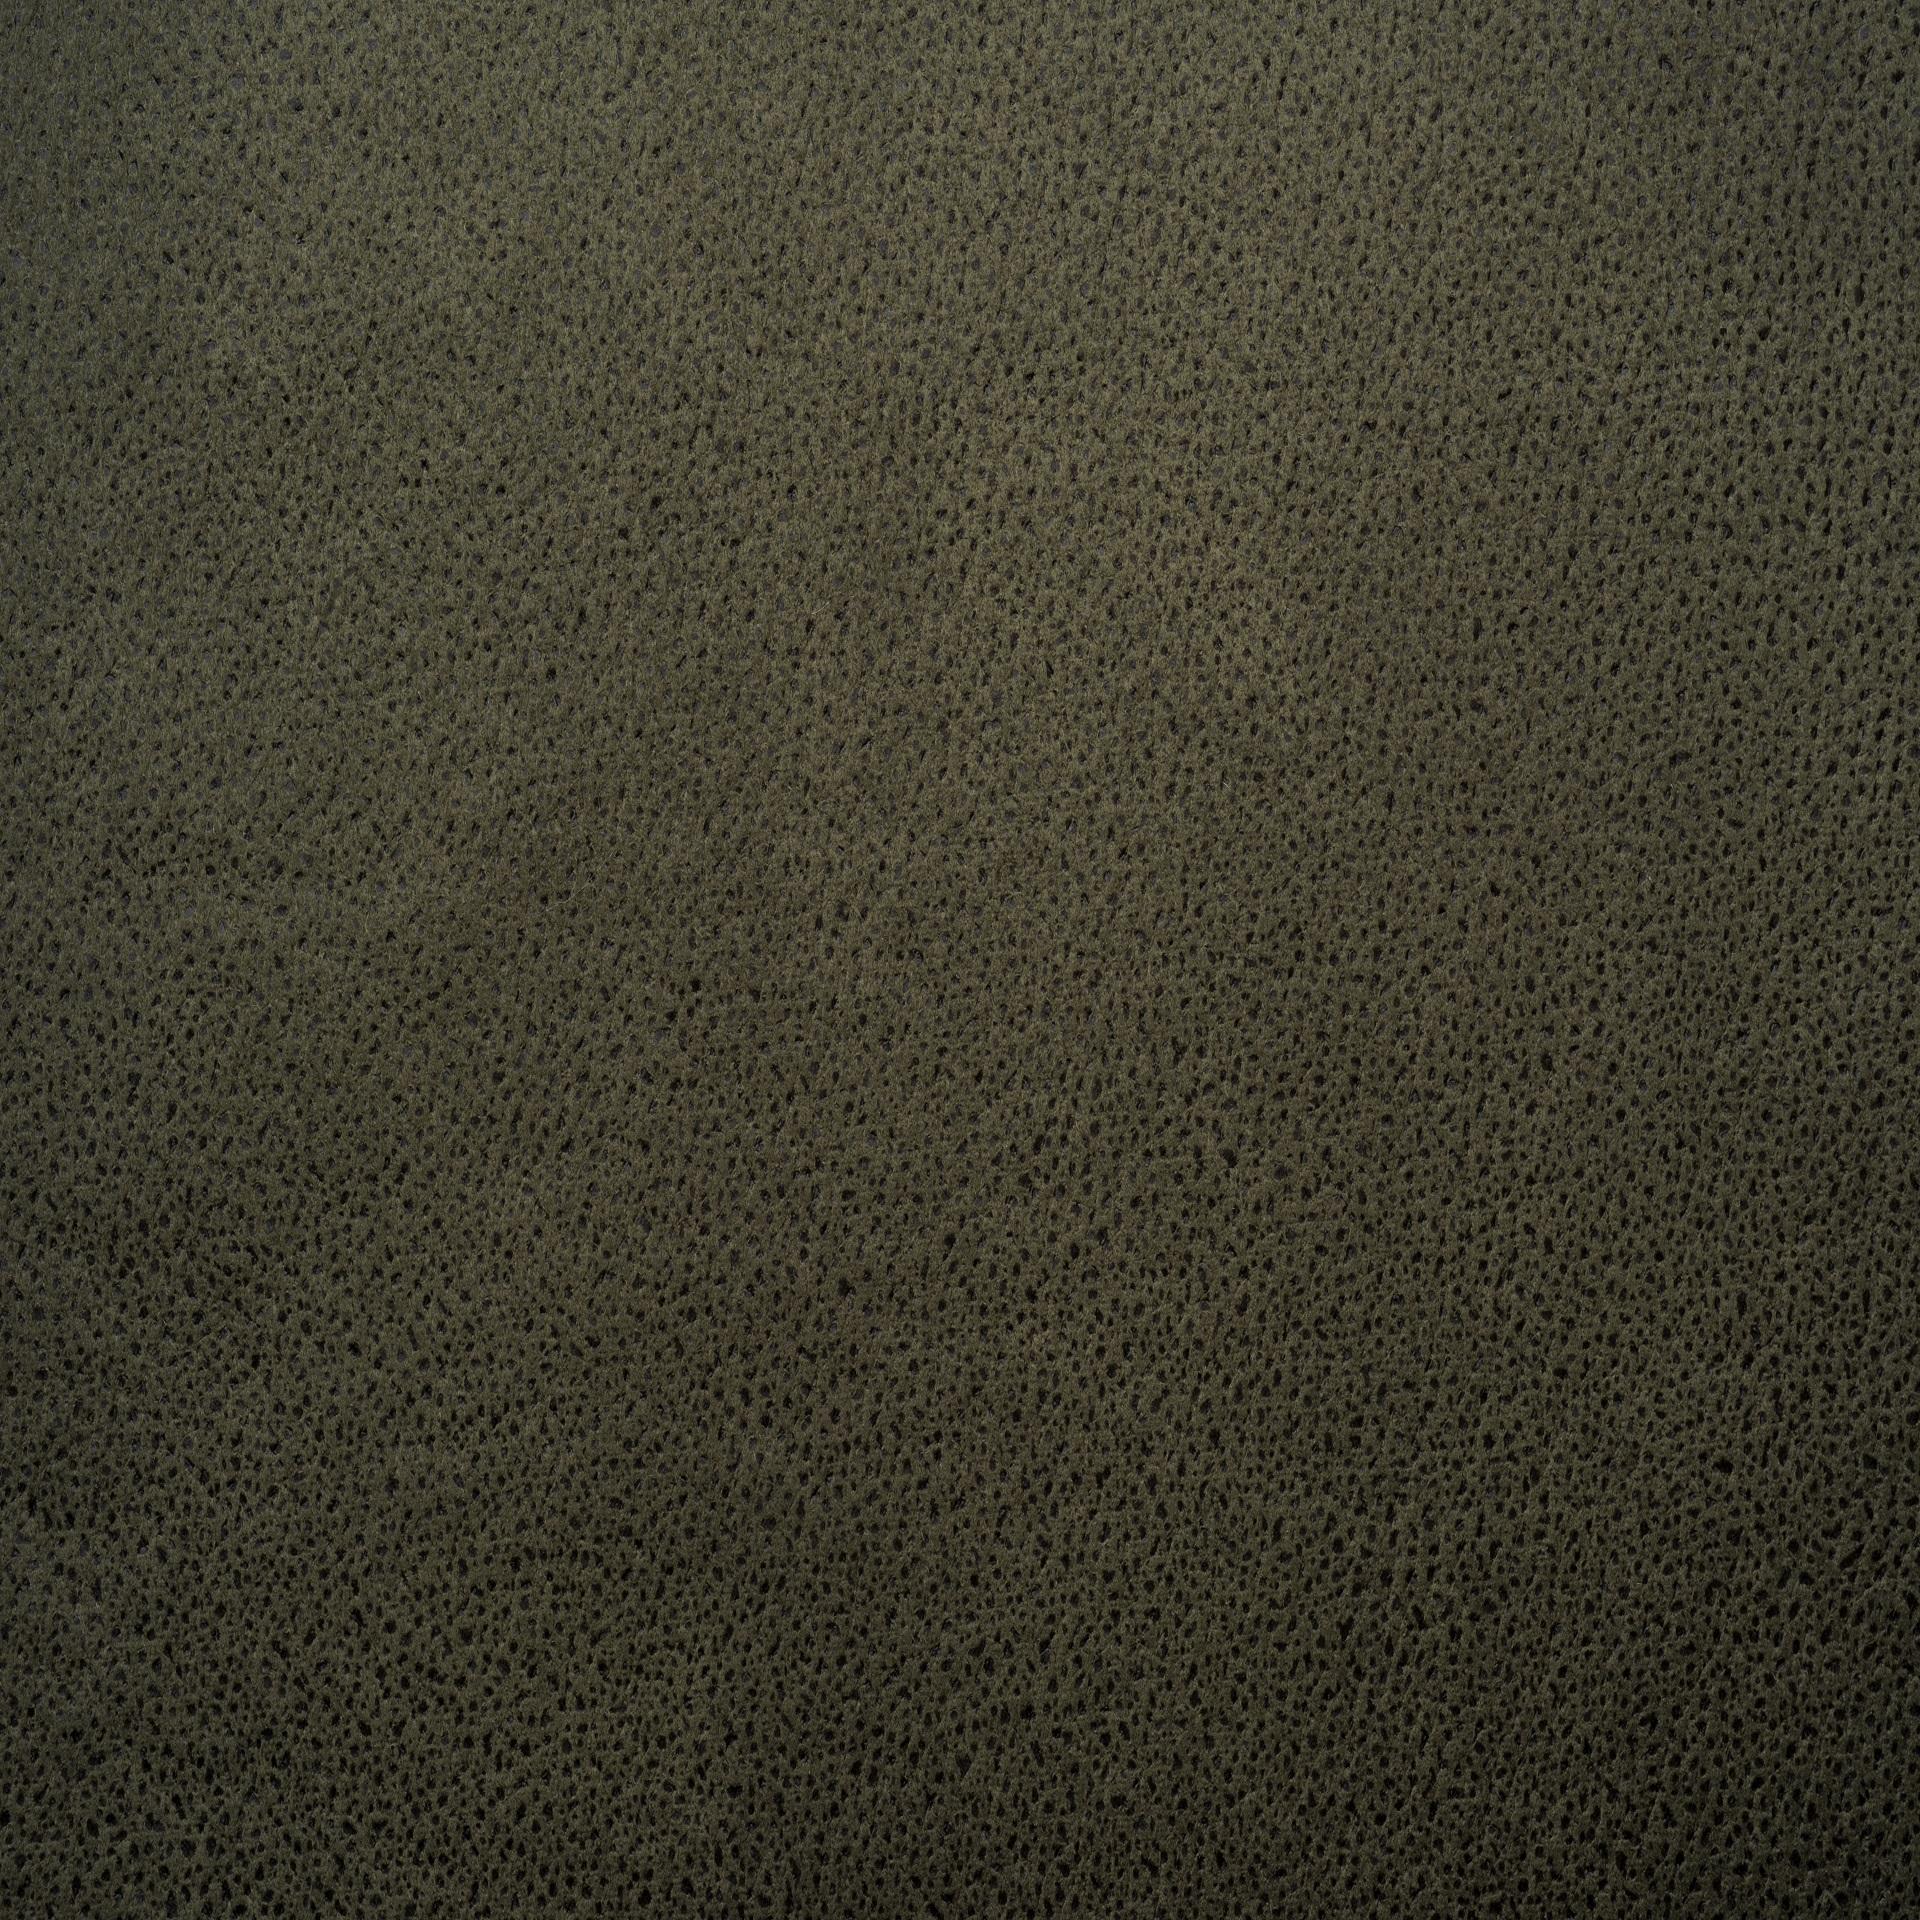 Коллекция ткани Мустанг GREEN,  купить ткань Велюр для мебели Украина